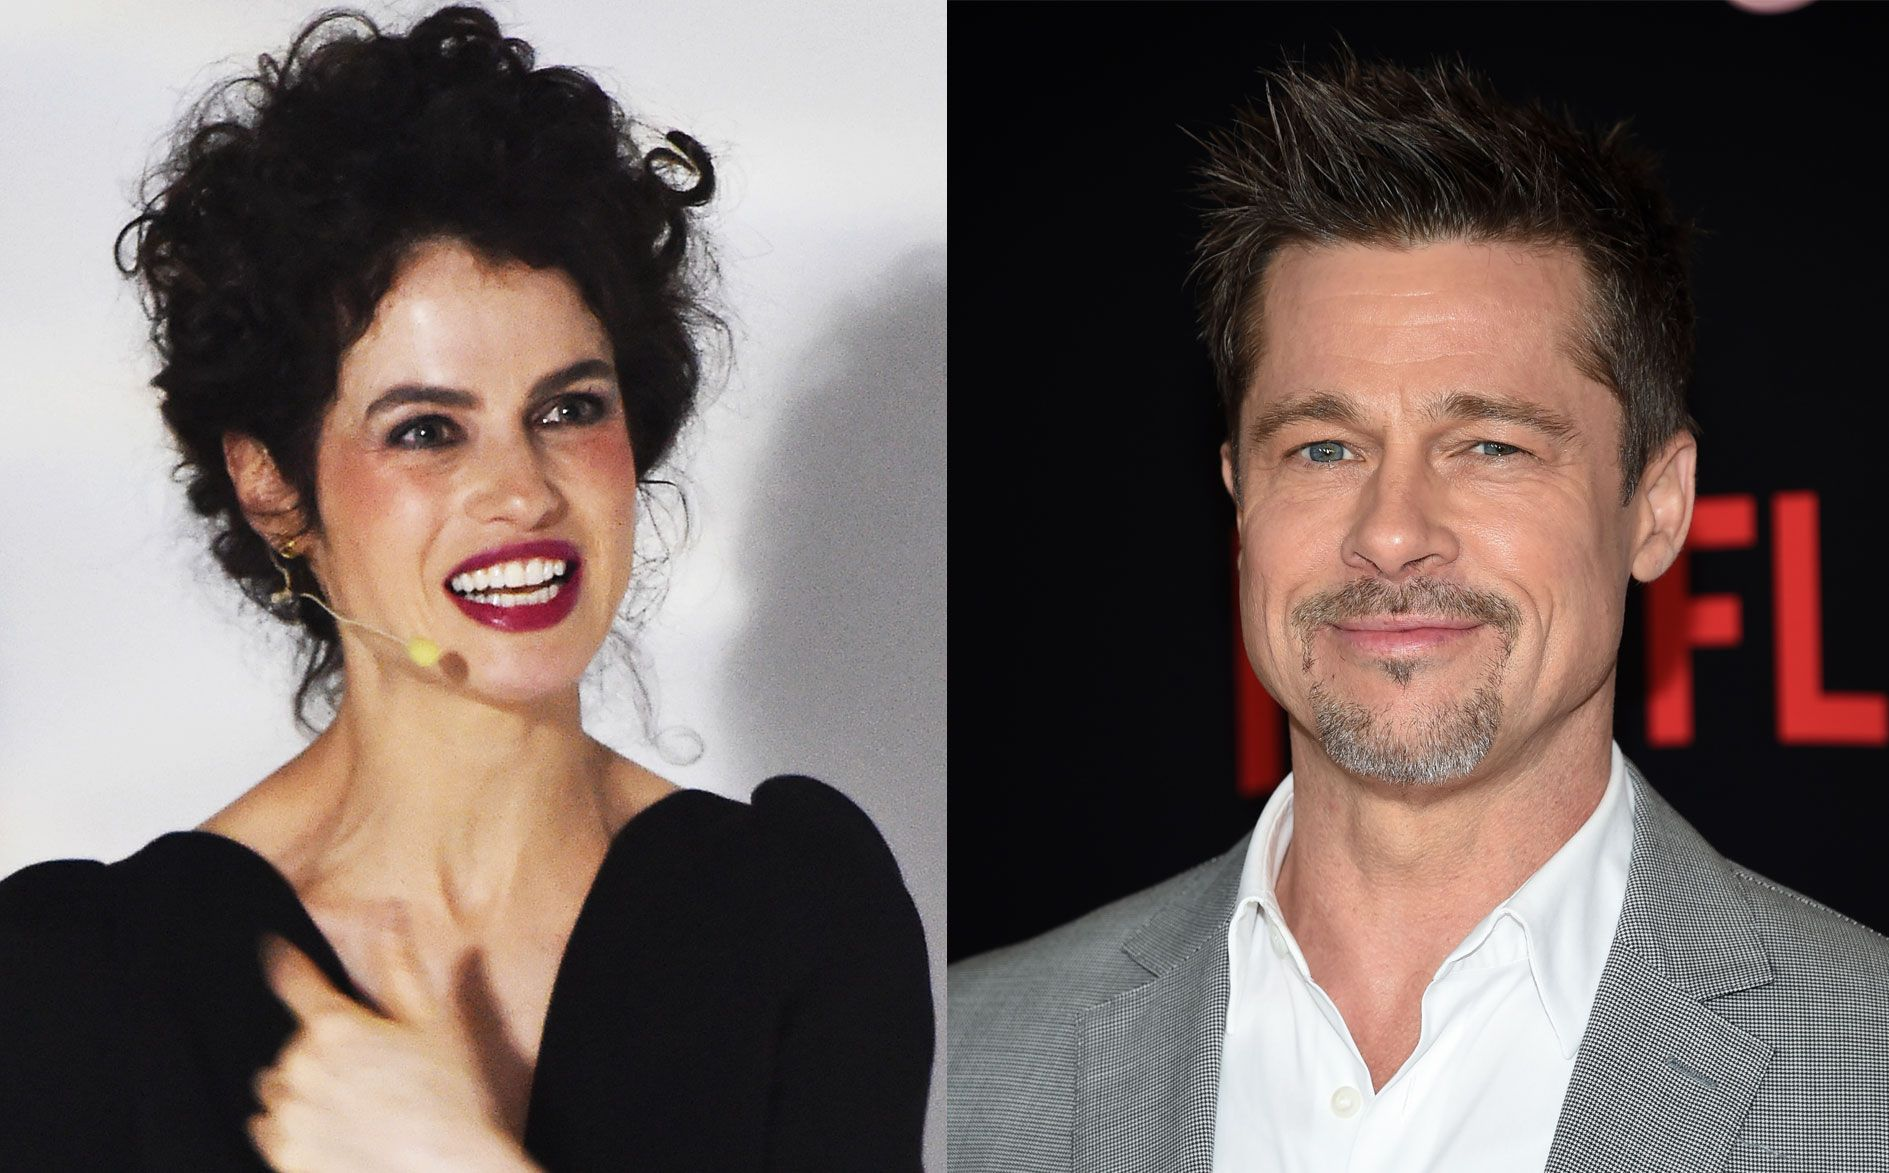 PAR? Brad Pitt og Neri Oxman er tause når det gjelder de intense spekulasjonene.